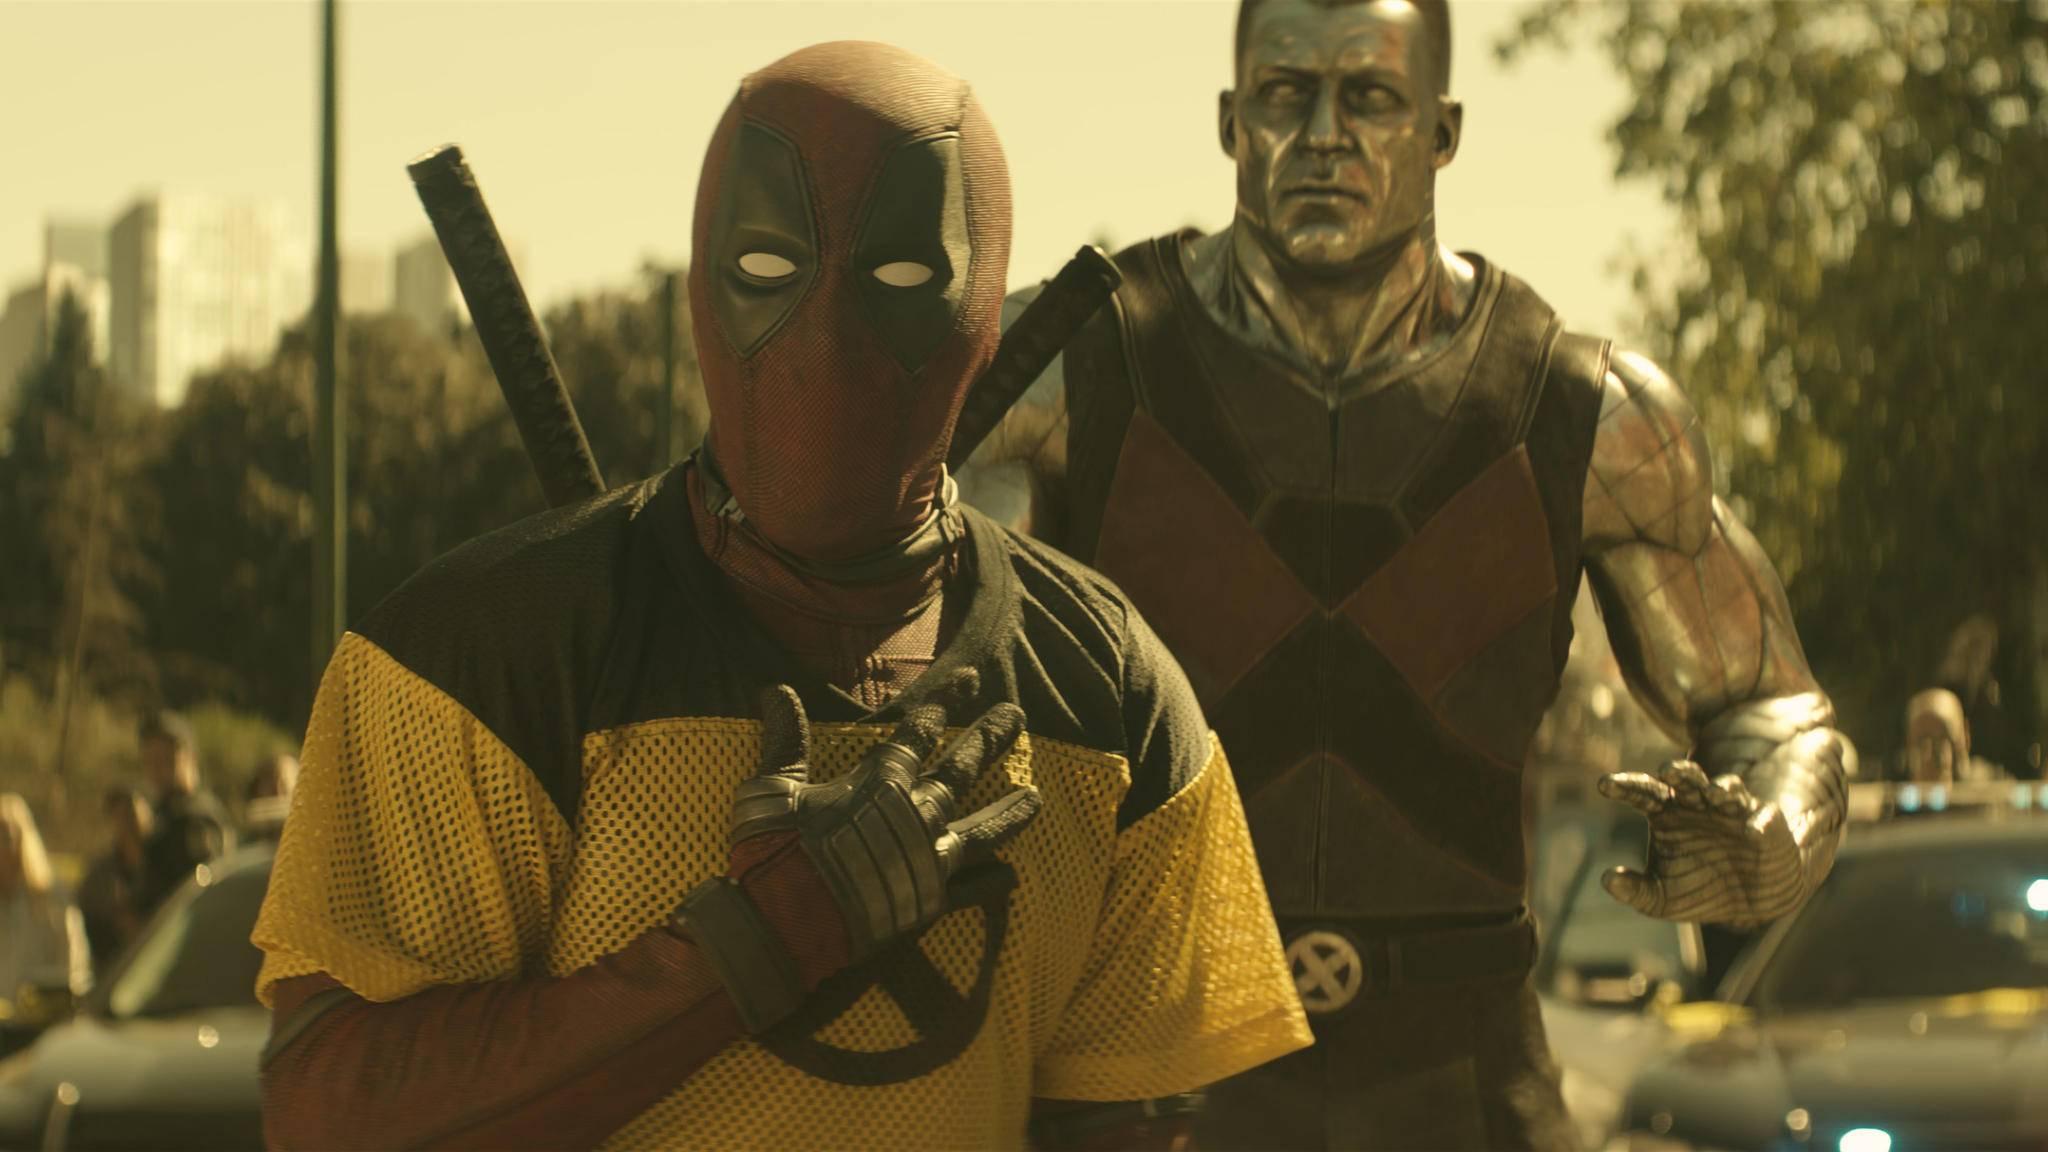 Deadpools Herzenswunsch? Ein Treffen mit den Guardians!